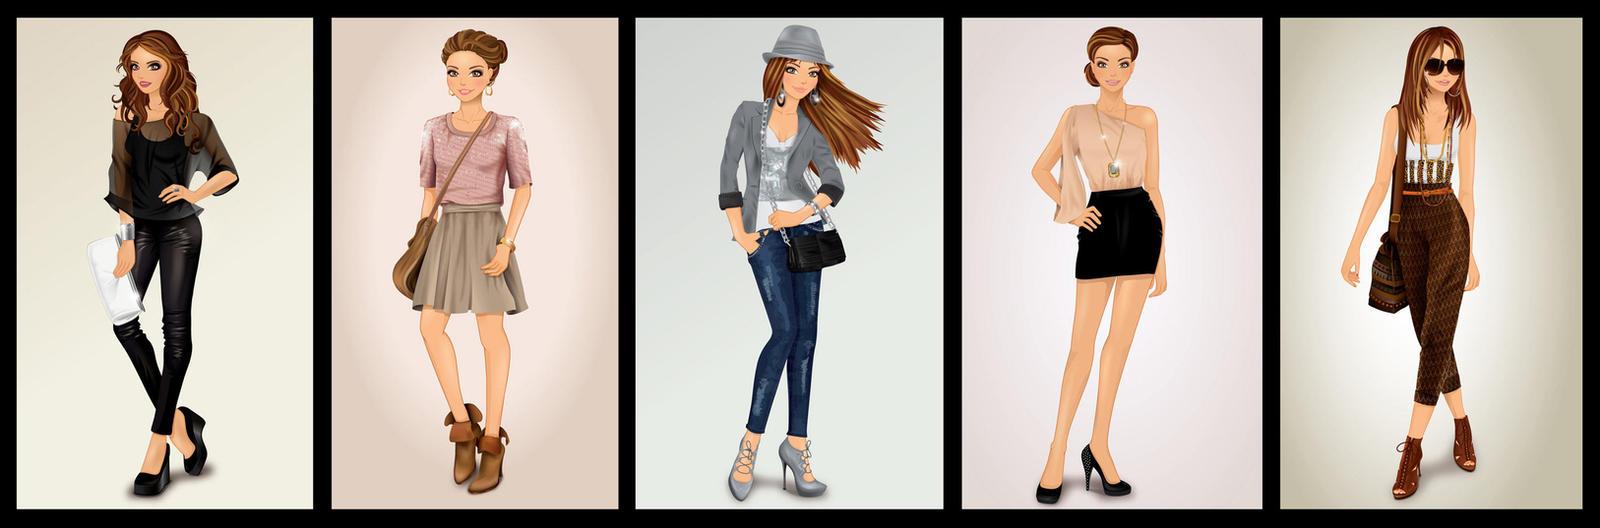 Valeska 2 -character design- by Magda84